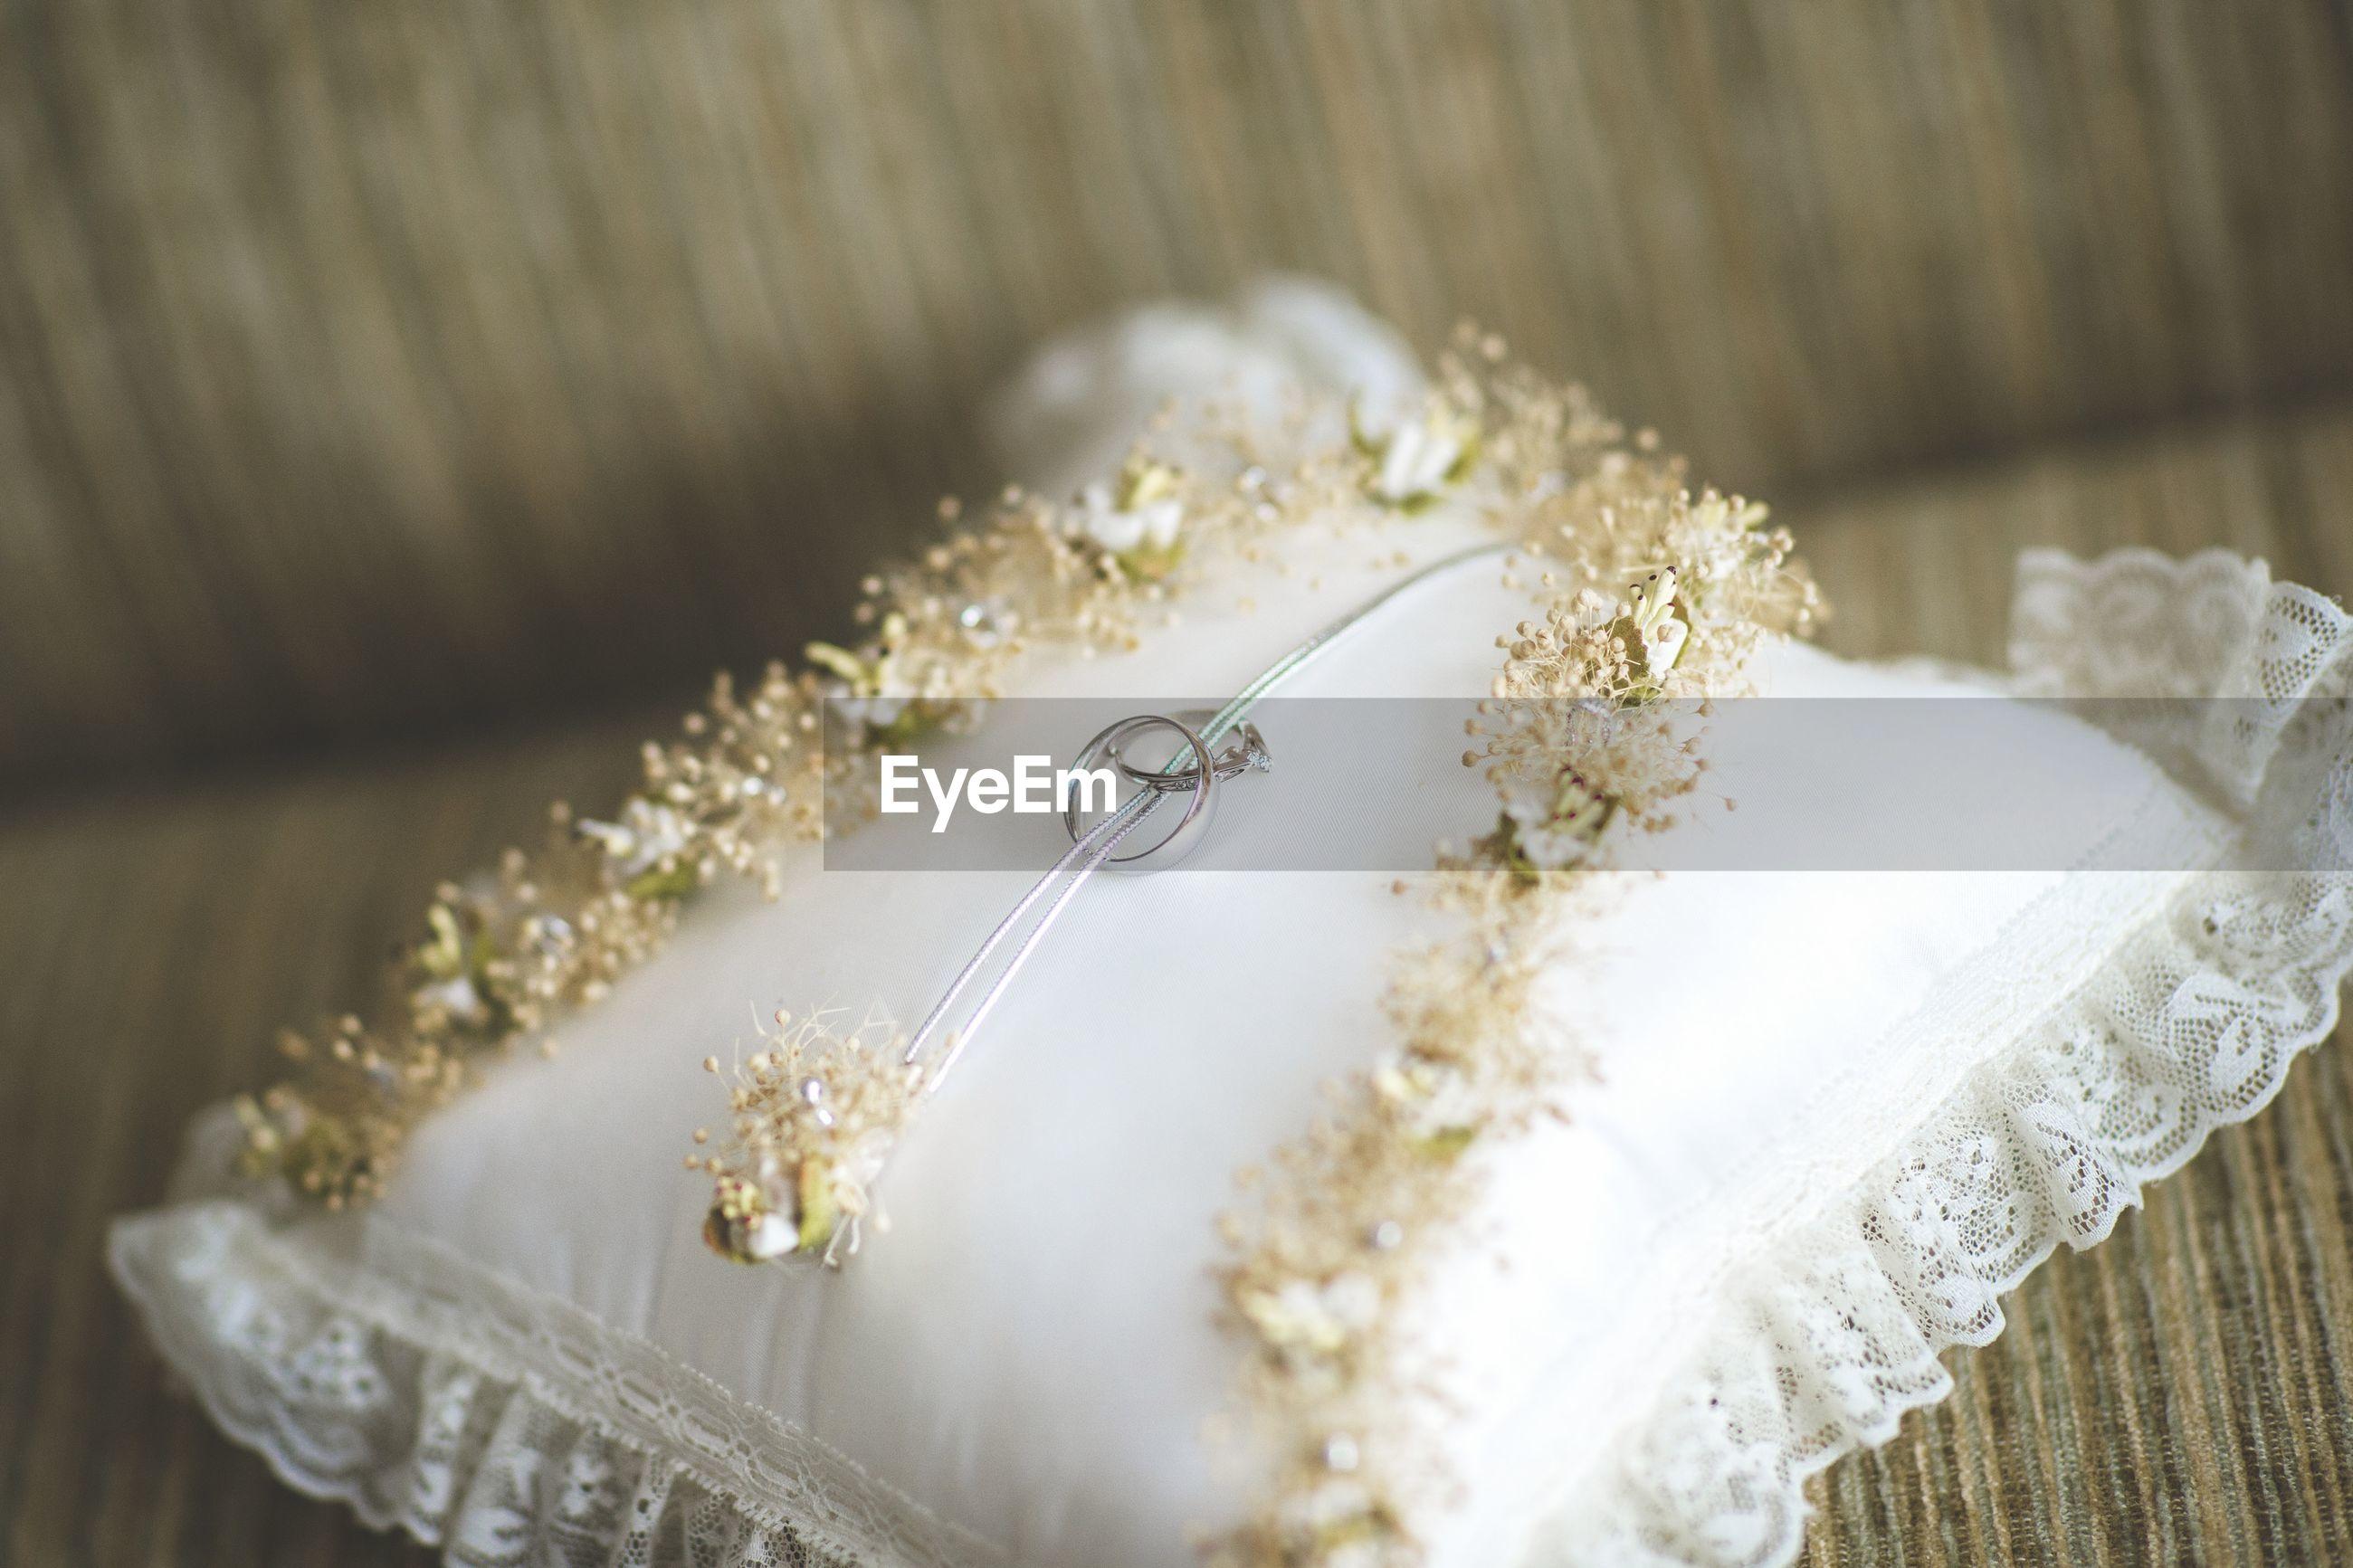 High angle view of wedding rings on sofa